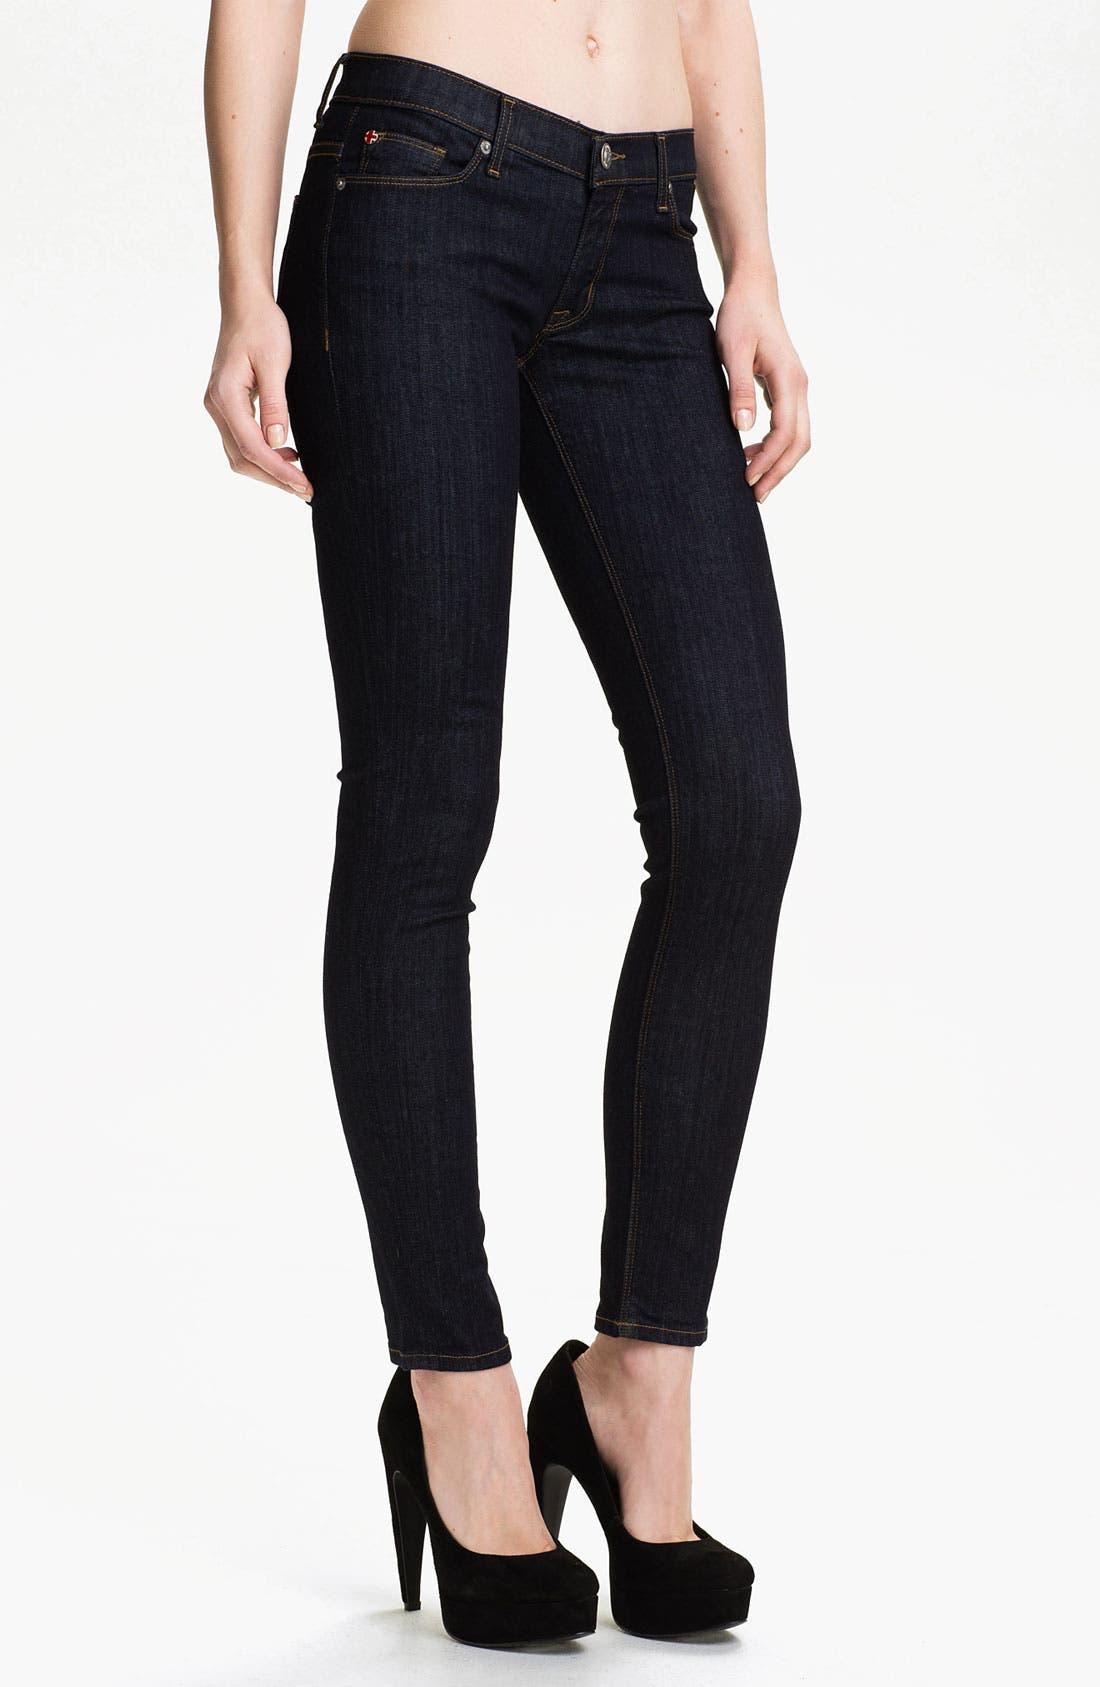 Alternate Image 1 Selected - Hudson Jeans 'Krista' Super Skinny Jeans (Foley)